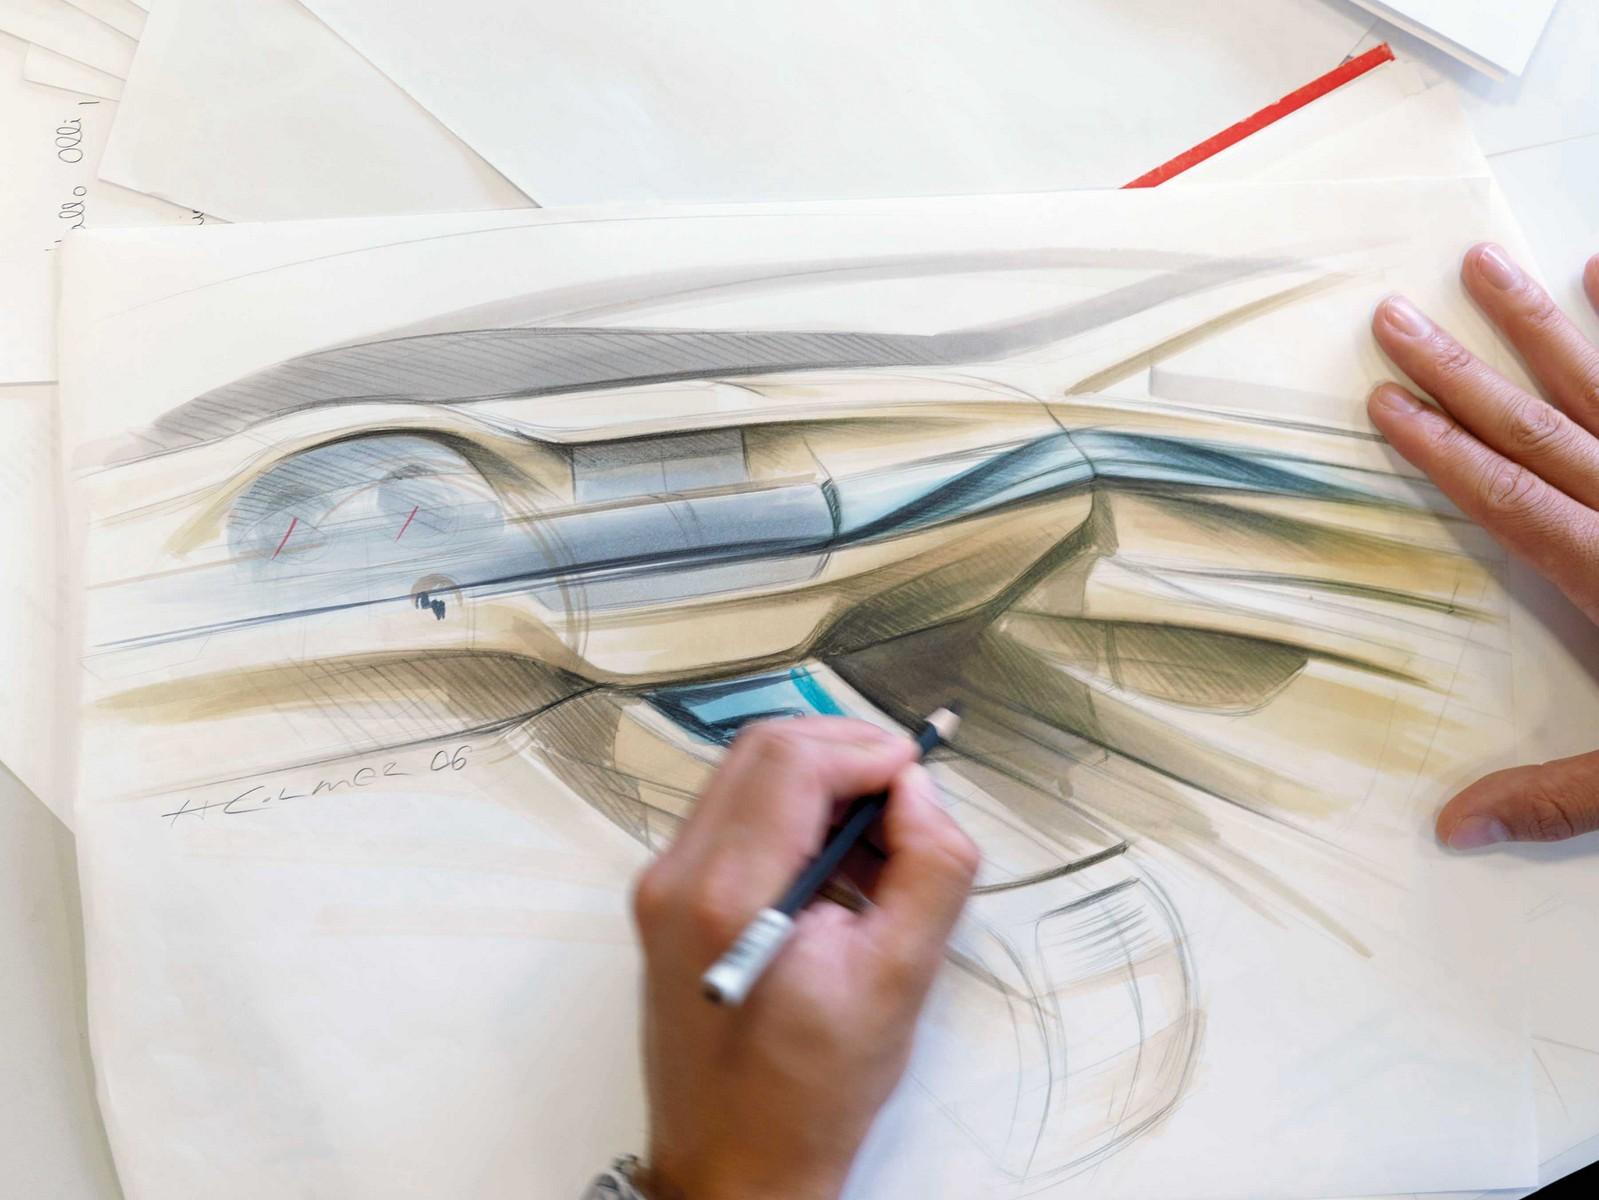 مراحل عملية التصميم في مجموعة بي أم دبليو